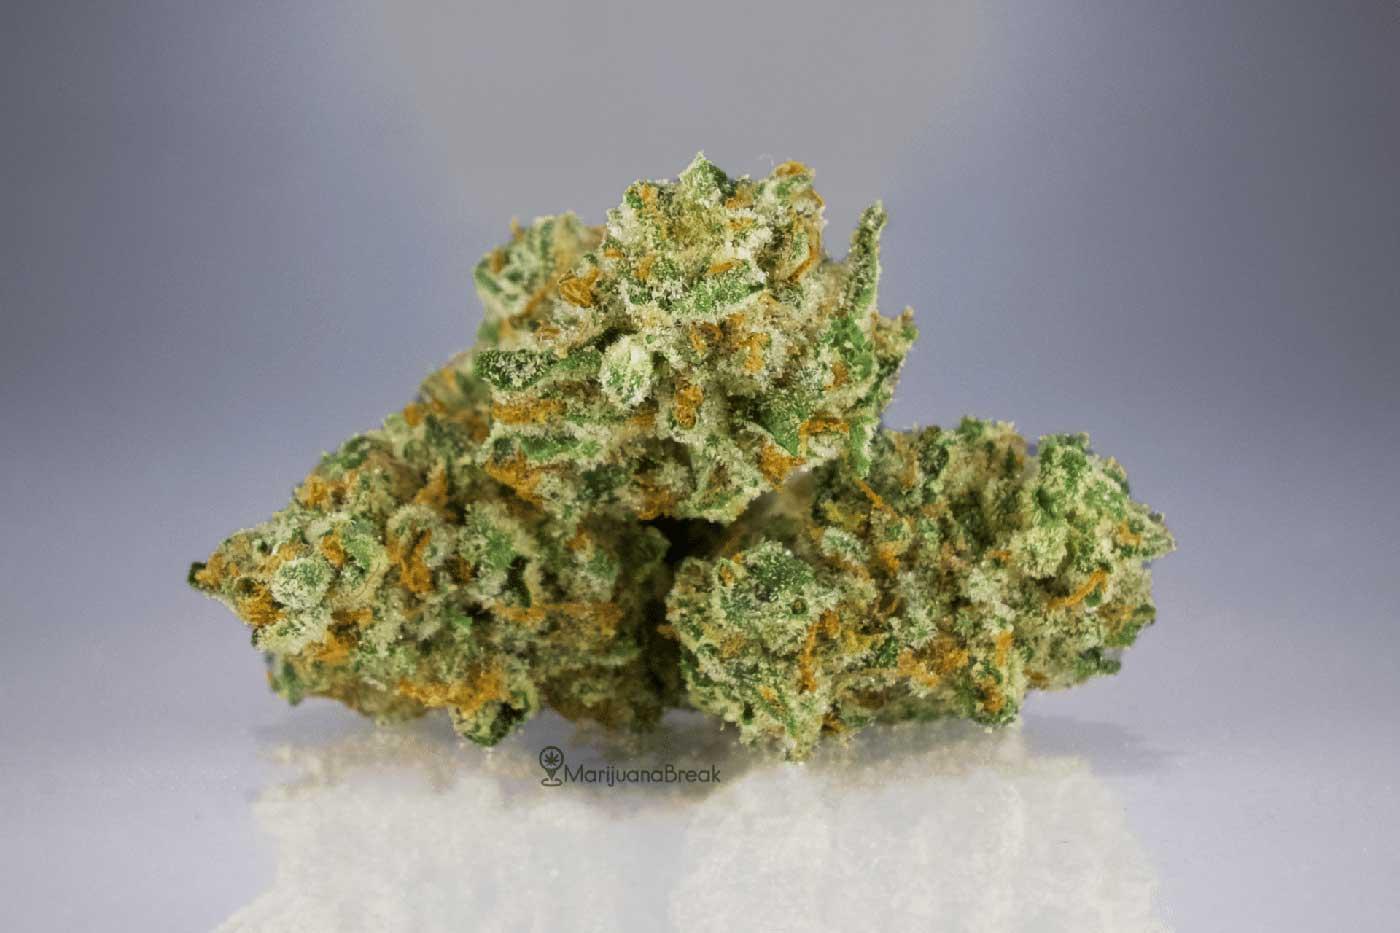 Ghost Train Haze Cannabis Strain